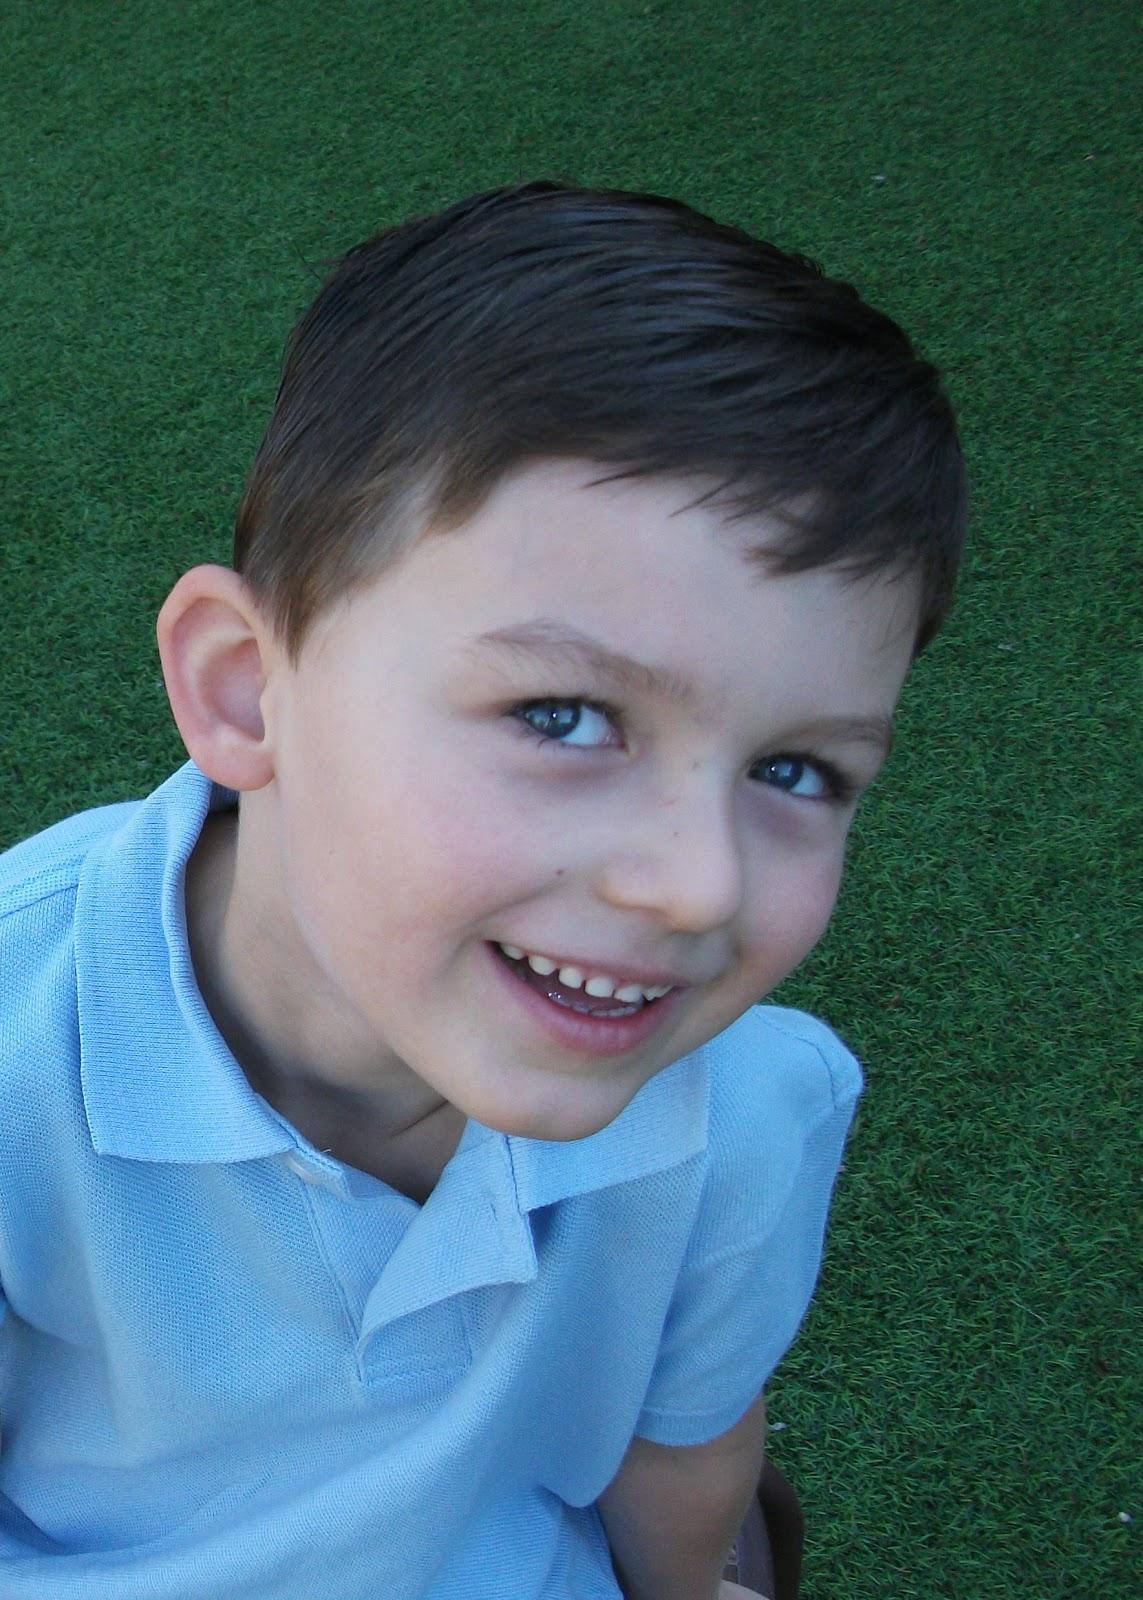 Jack 5 Year Old Photo Shoot